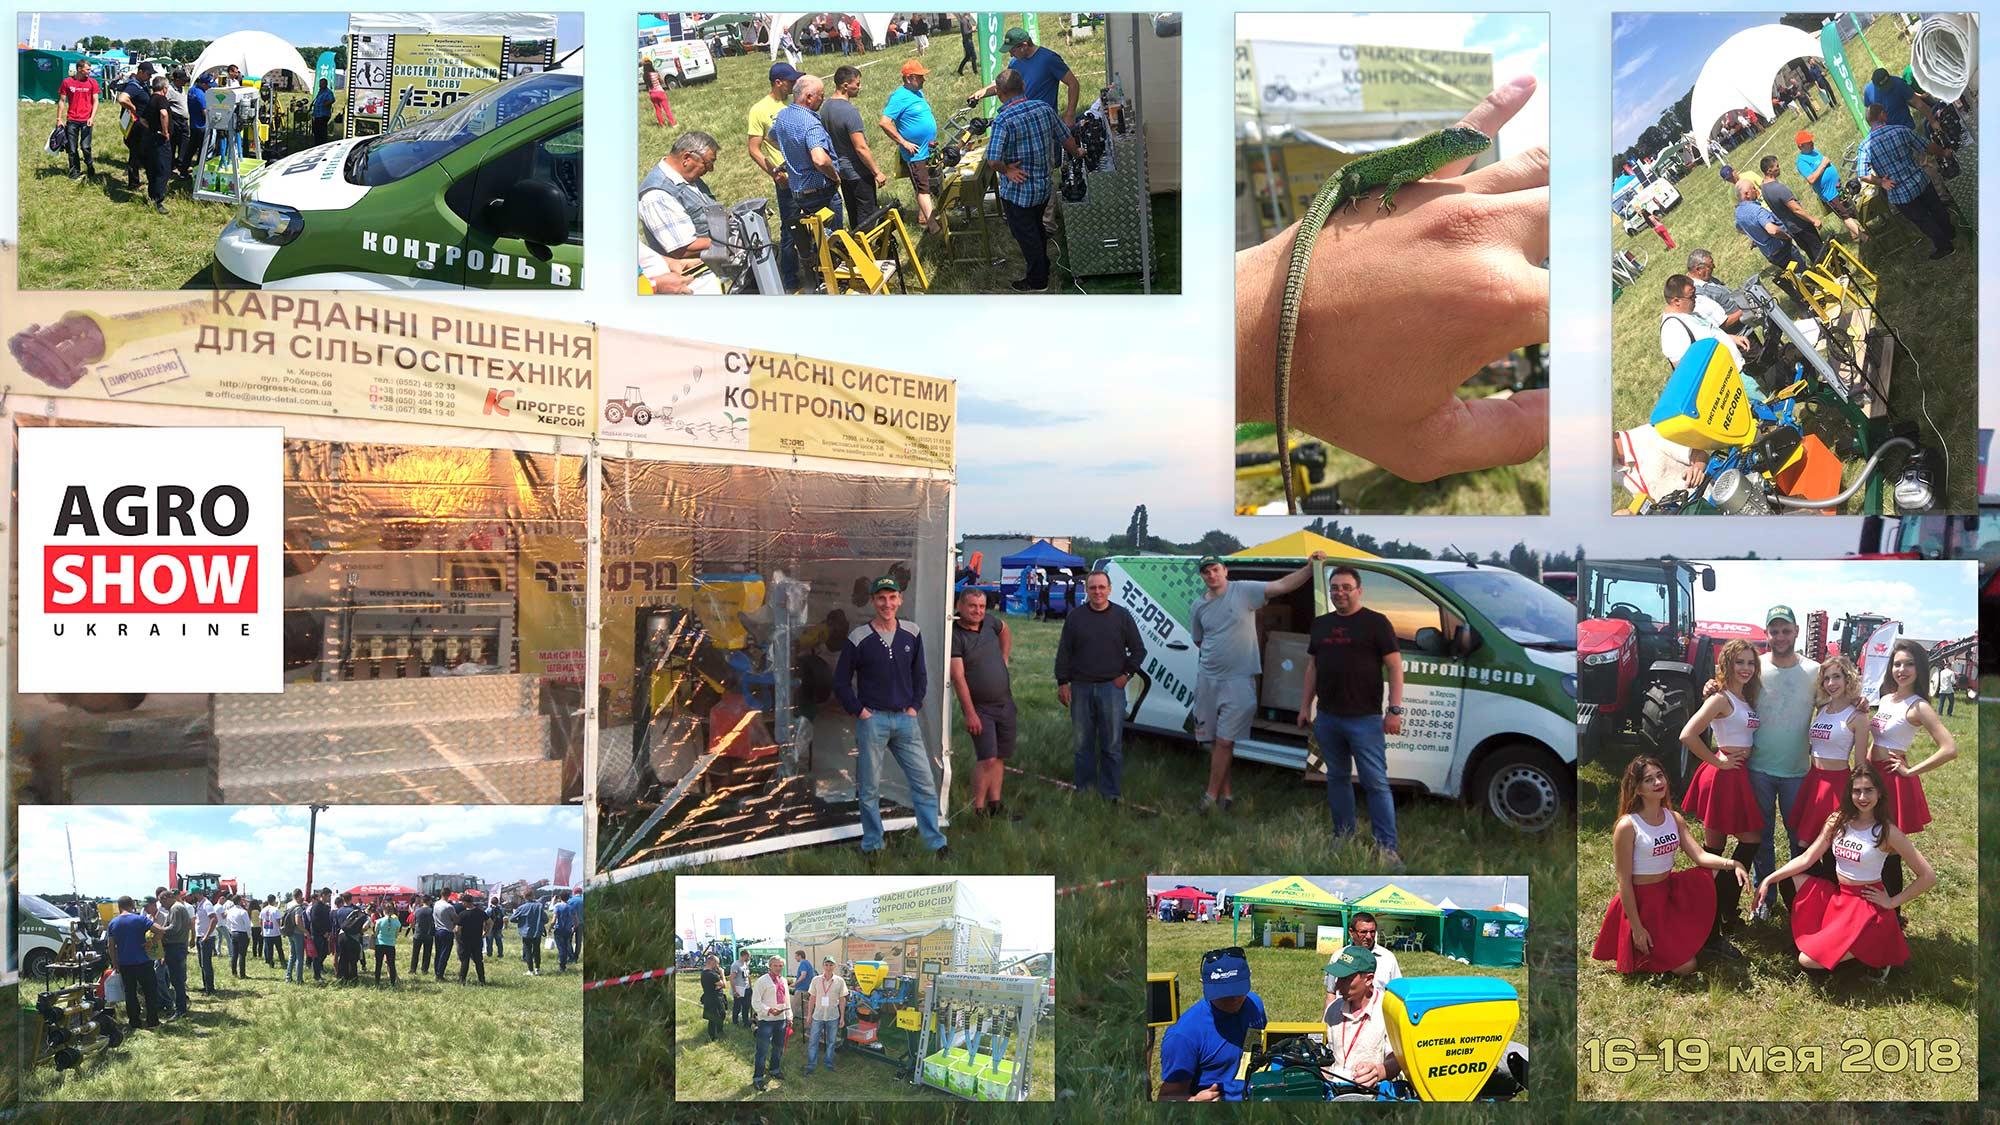 16-19 мая 2018 на территории аэропорта в г. Черкассы Предприятие ООО Трак приняло участие в международном агропромышленном экспо-фесте AGROSHOW Ukraine 2018.